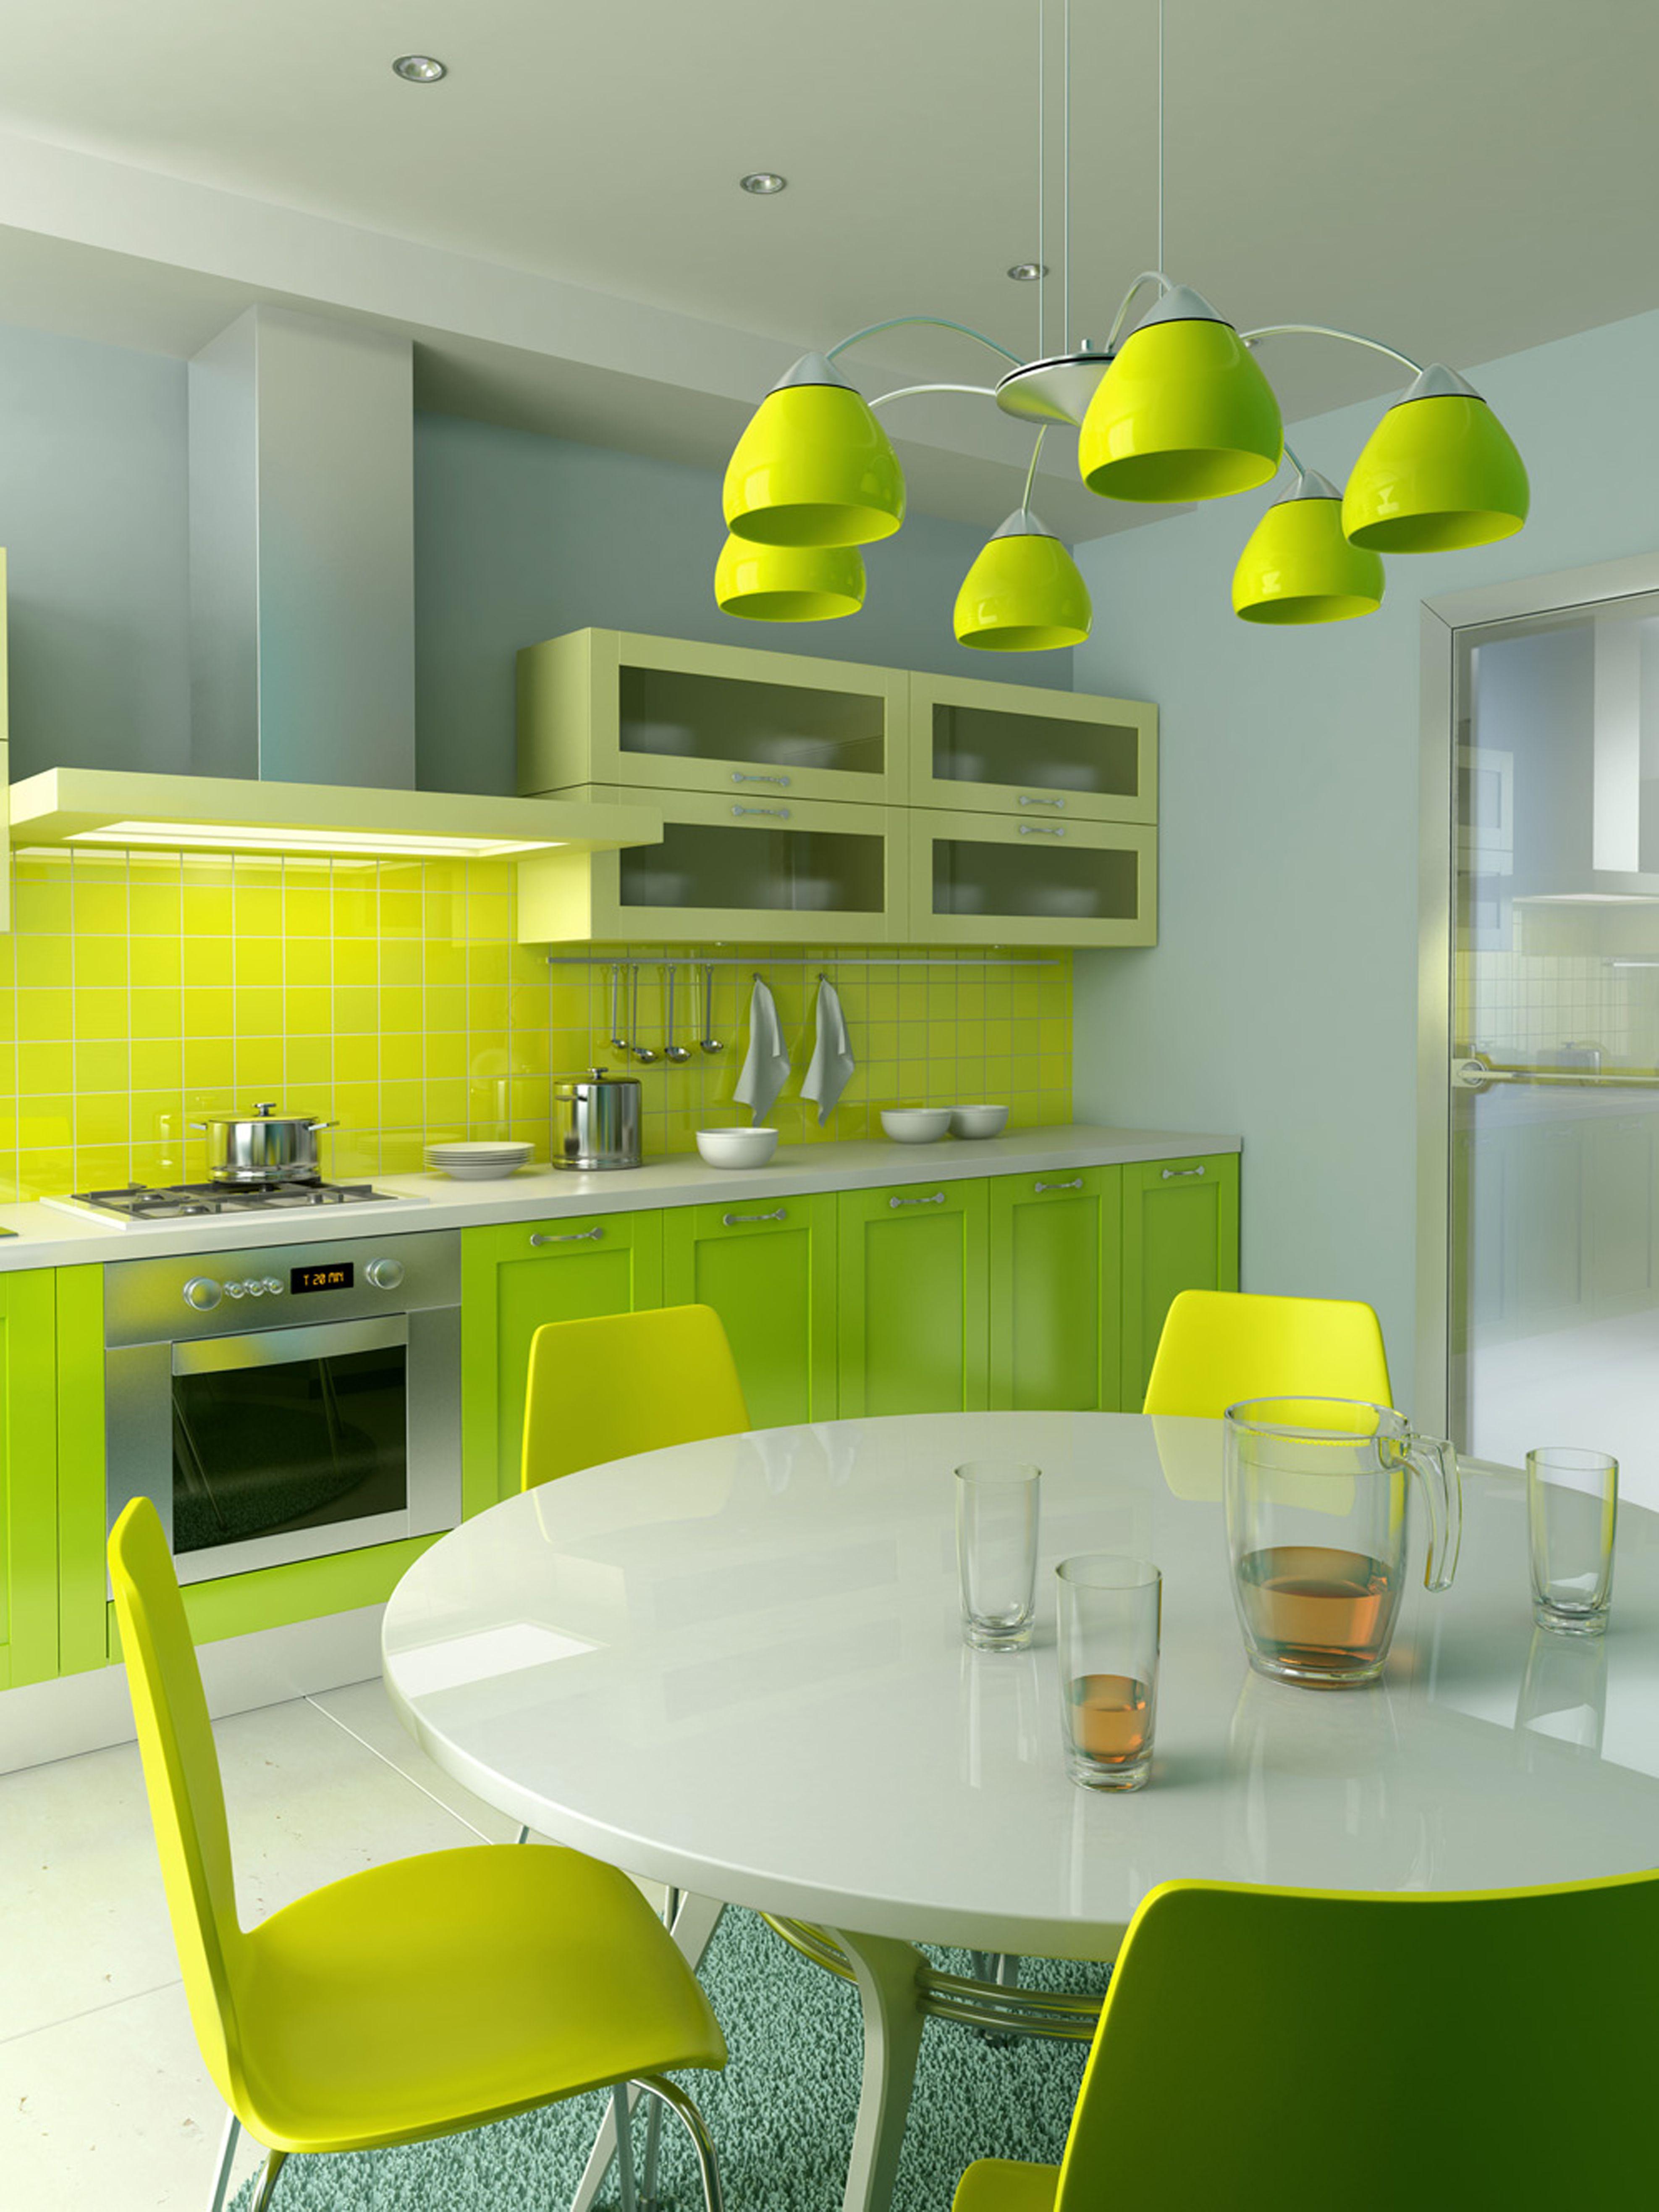 kitchen layout designs ideas kitchen design decorating ideas really rh pinterest com